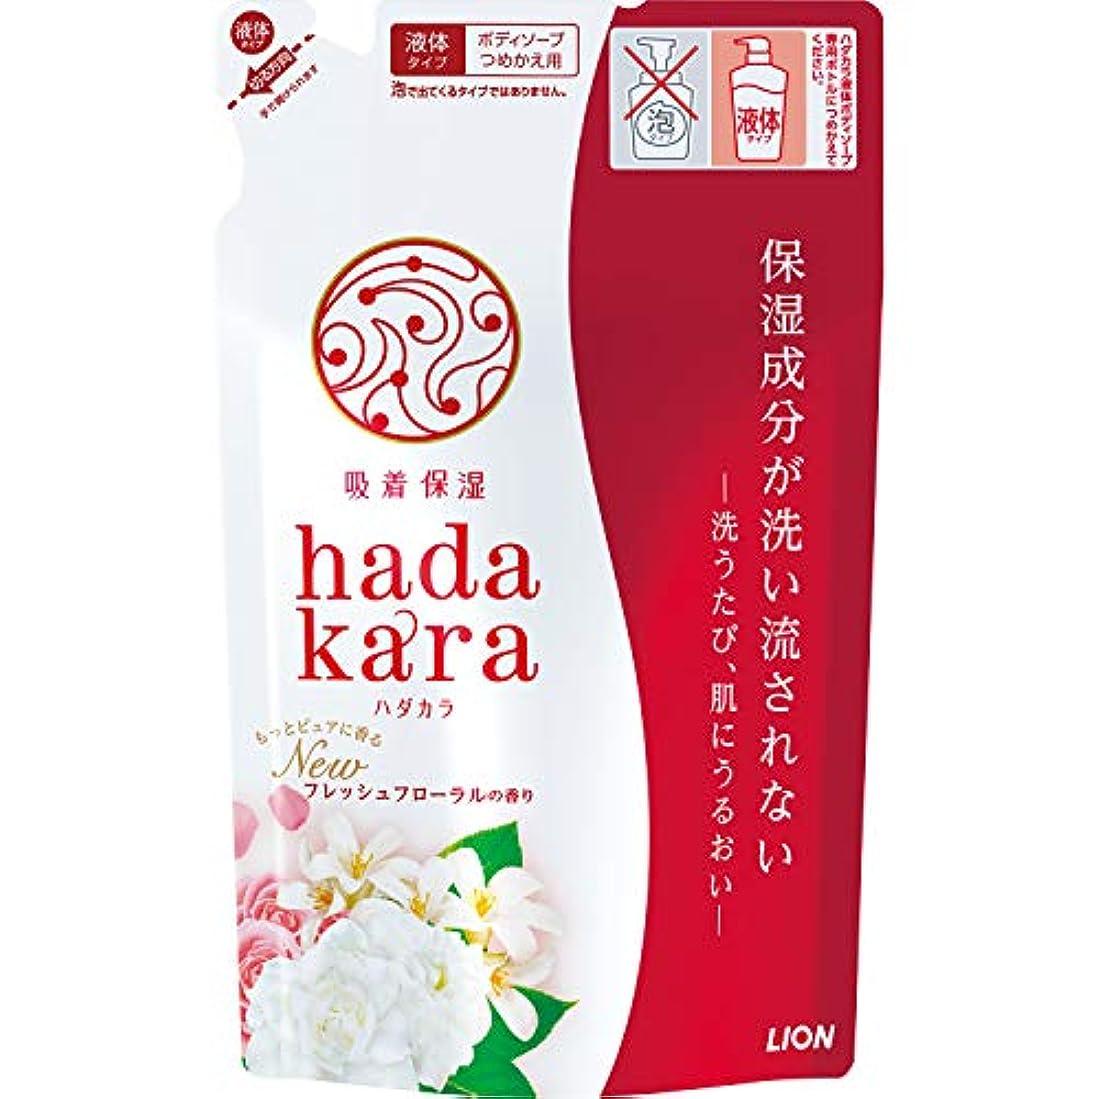 いいね消毒する試みhadakara(ハダカラ) ボディソープ フレッシュフローラルの香り 詰め替え 360ml フローラルブーケ